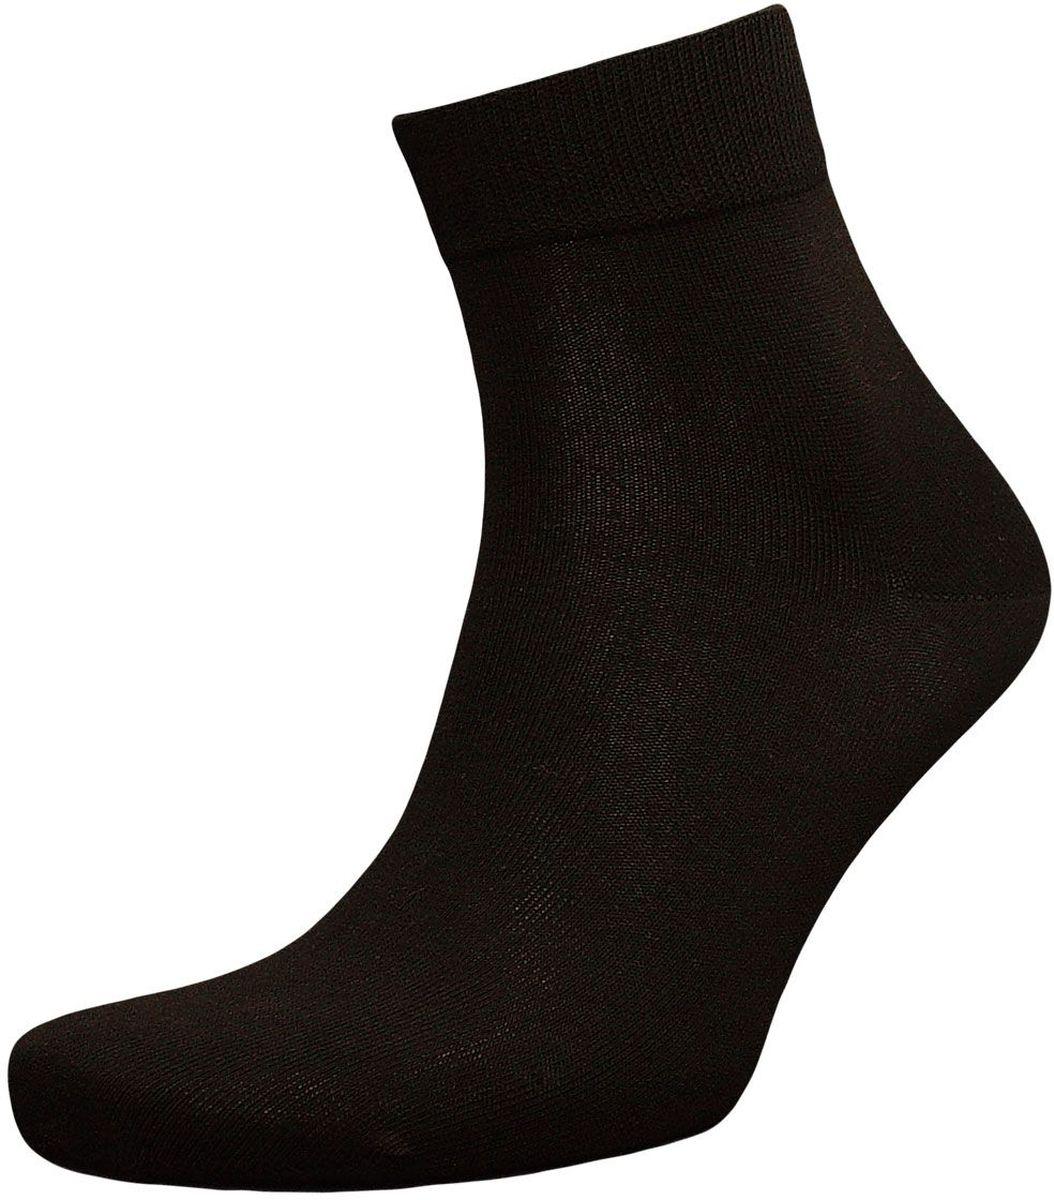 Комплект носковZC113Классические мужские носки Гранд выполнены из высококачественного хлопка, для повседневной носки. Укороченные носки имеют кеттельный шов (плоский), усиленные пятку и мысок, анатомическую резинку. Носки долгое время сохраняют форму и цвет, а так же обладают антибактериальными и терморегулирующими свойствами.